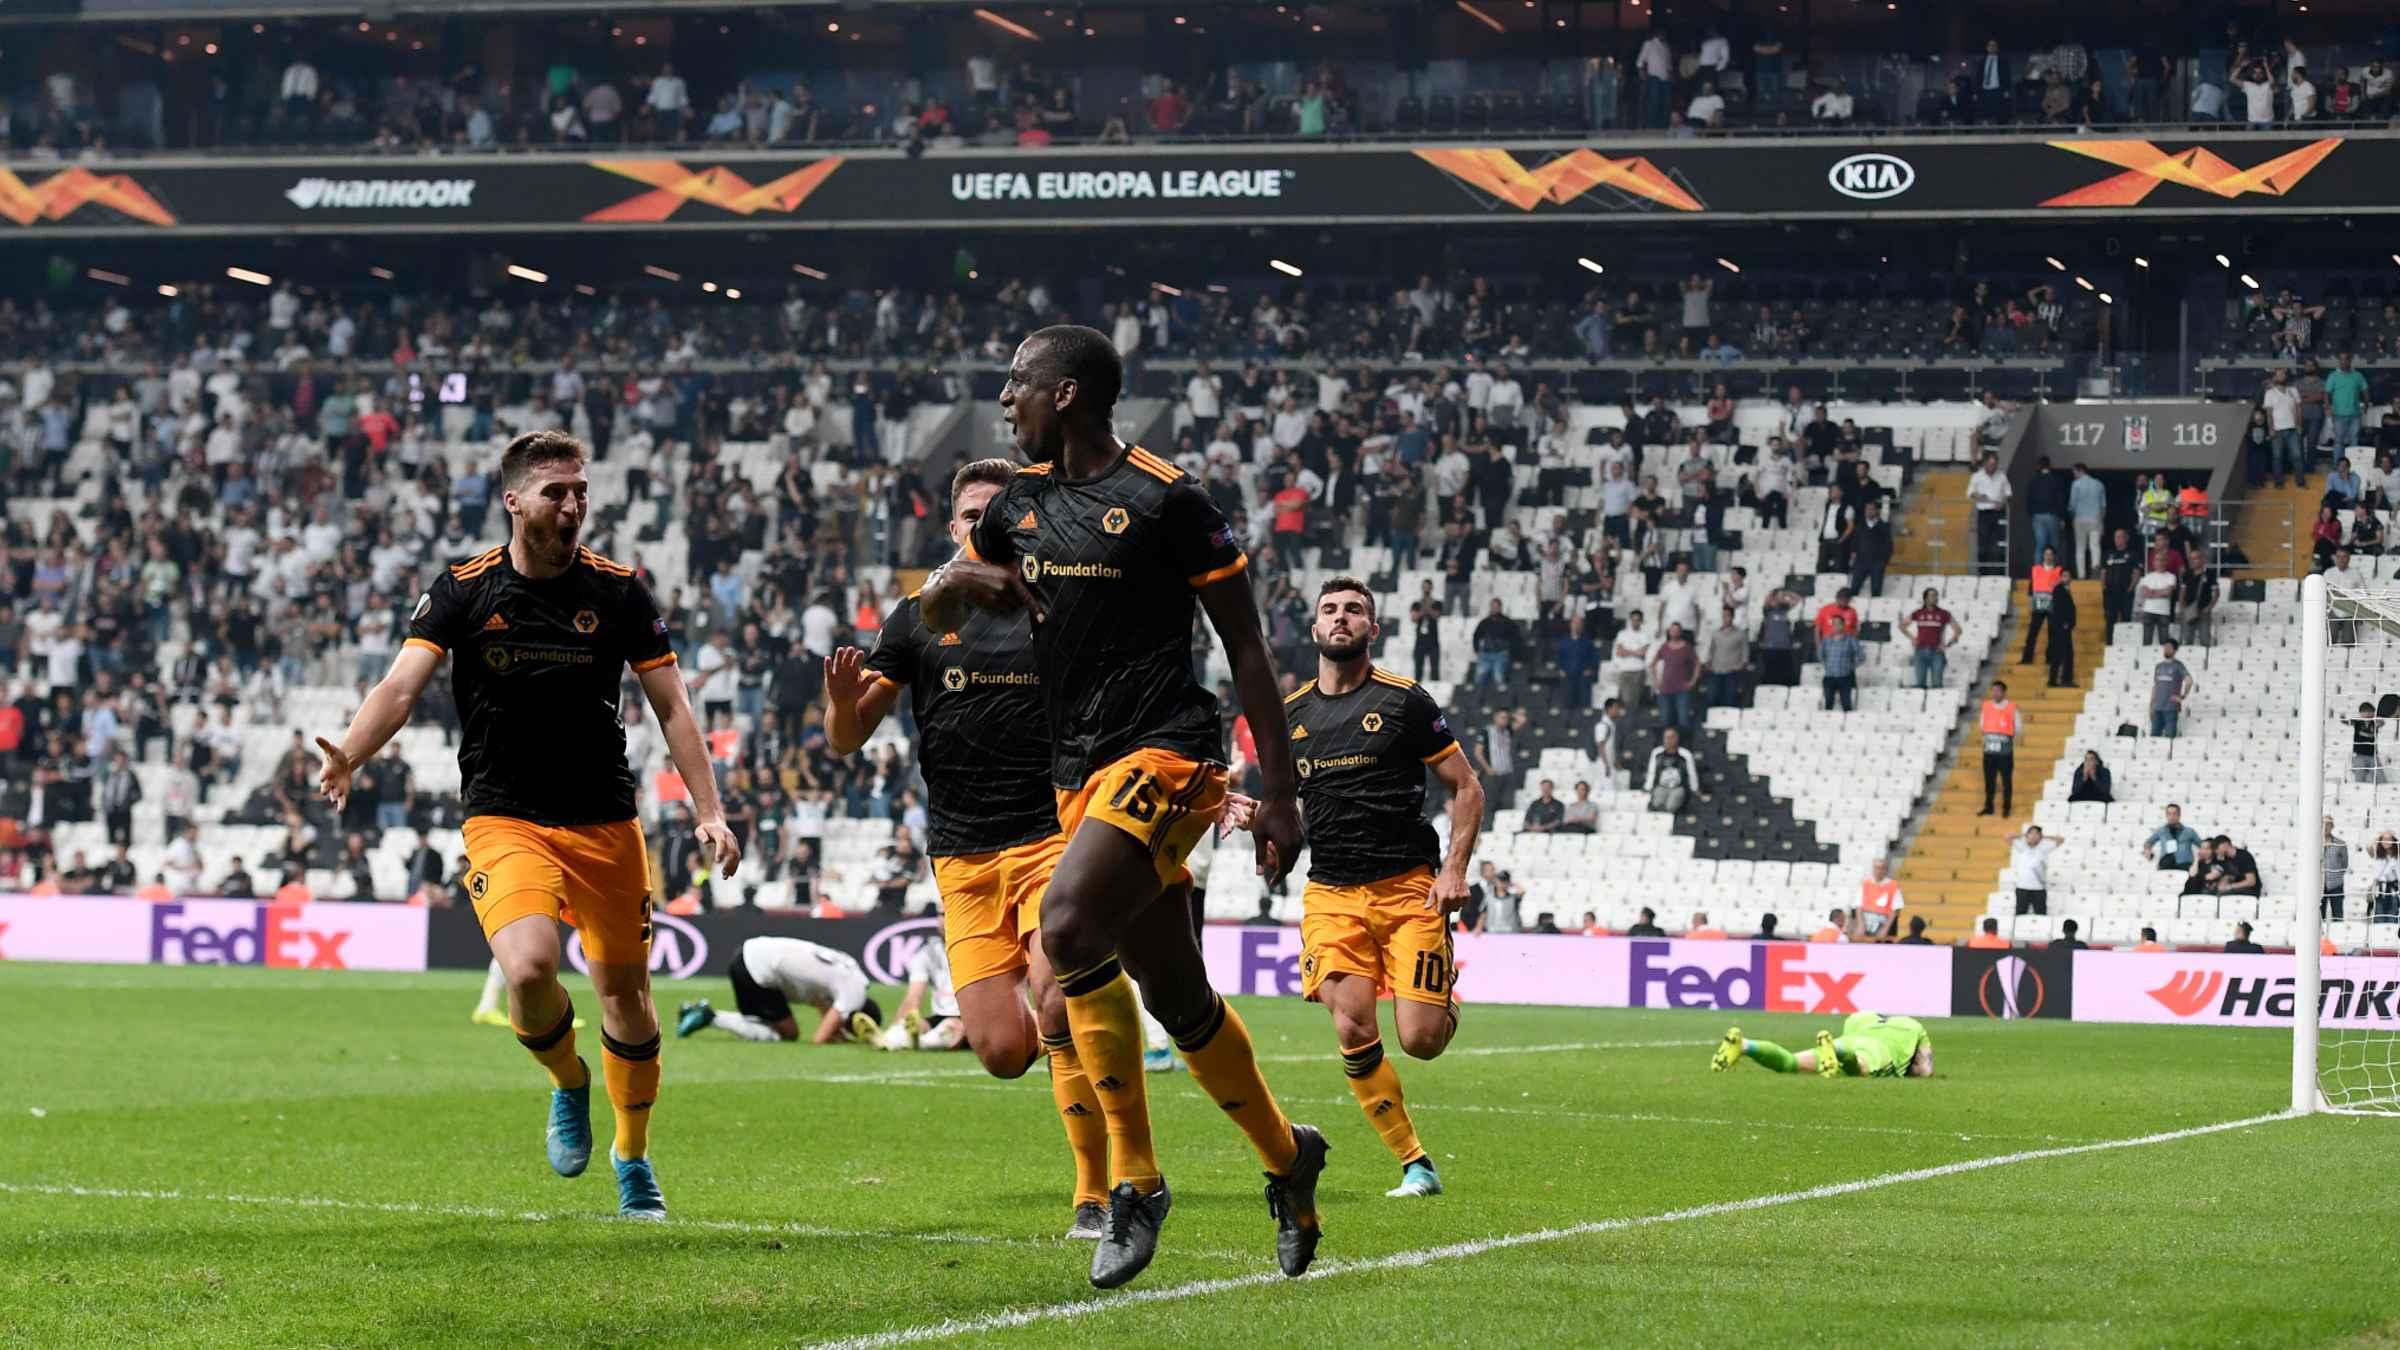 Besiktas 0-1 Wolves   Match report